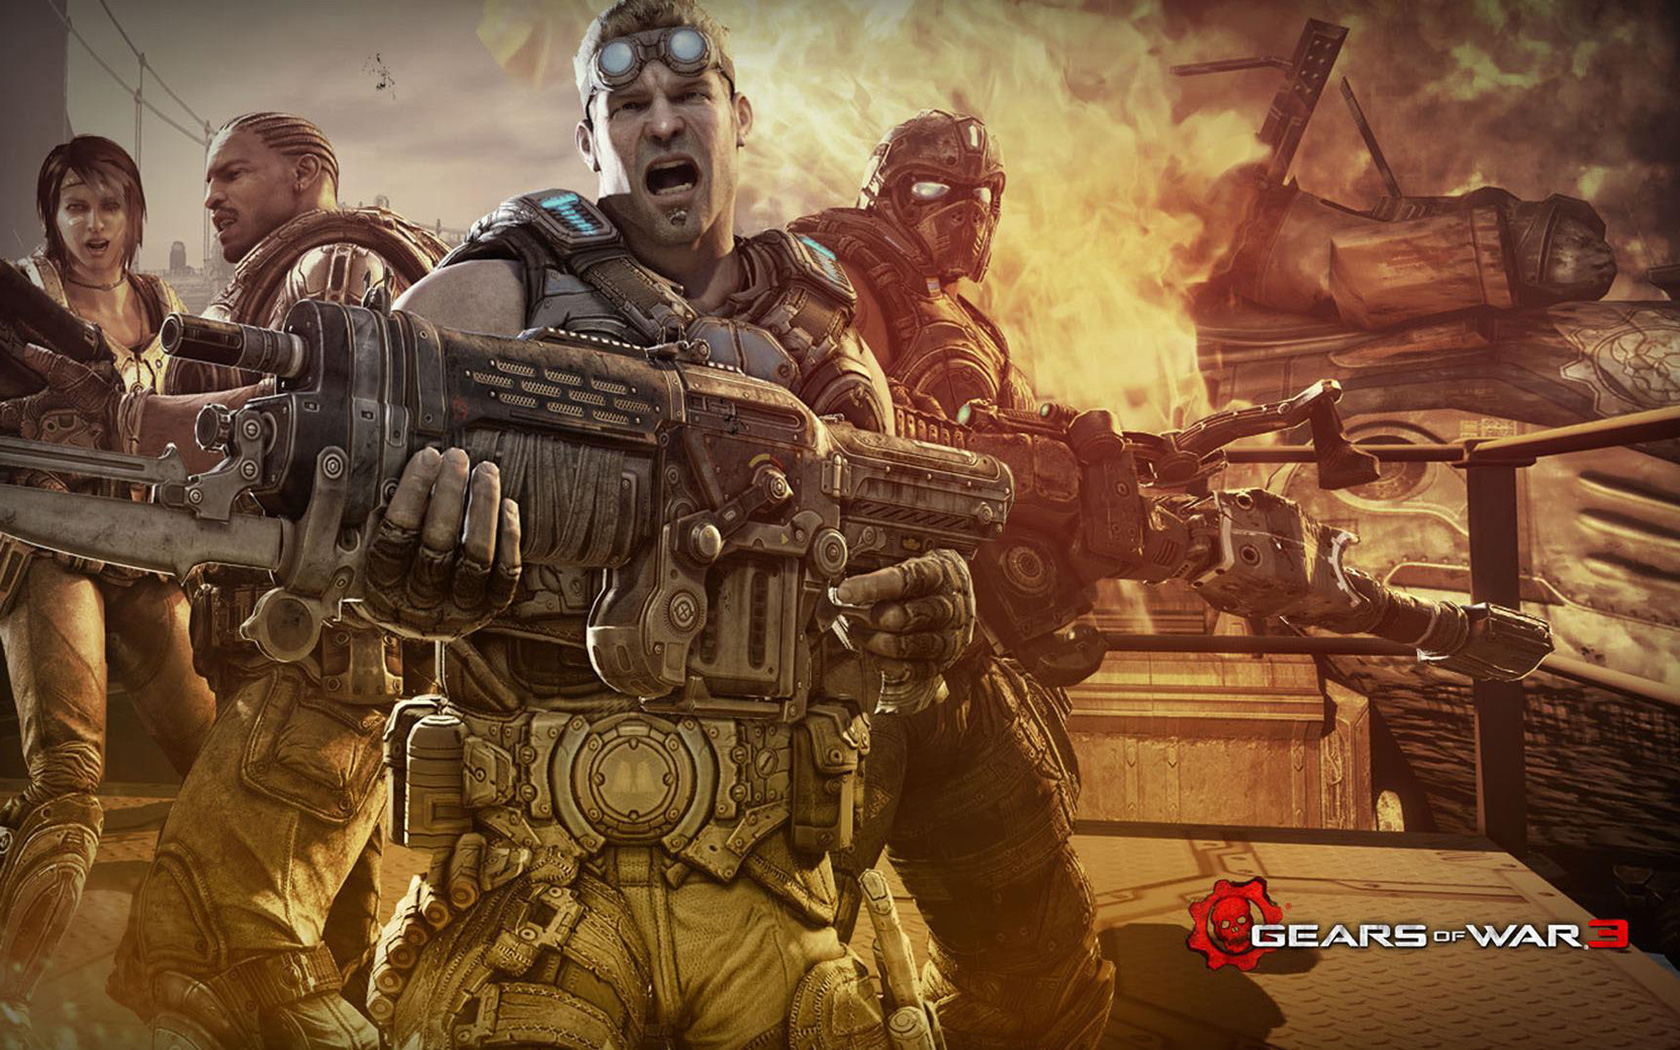 Gears of War 3 Wallpaper in 1680x1050